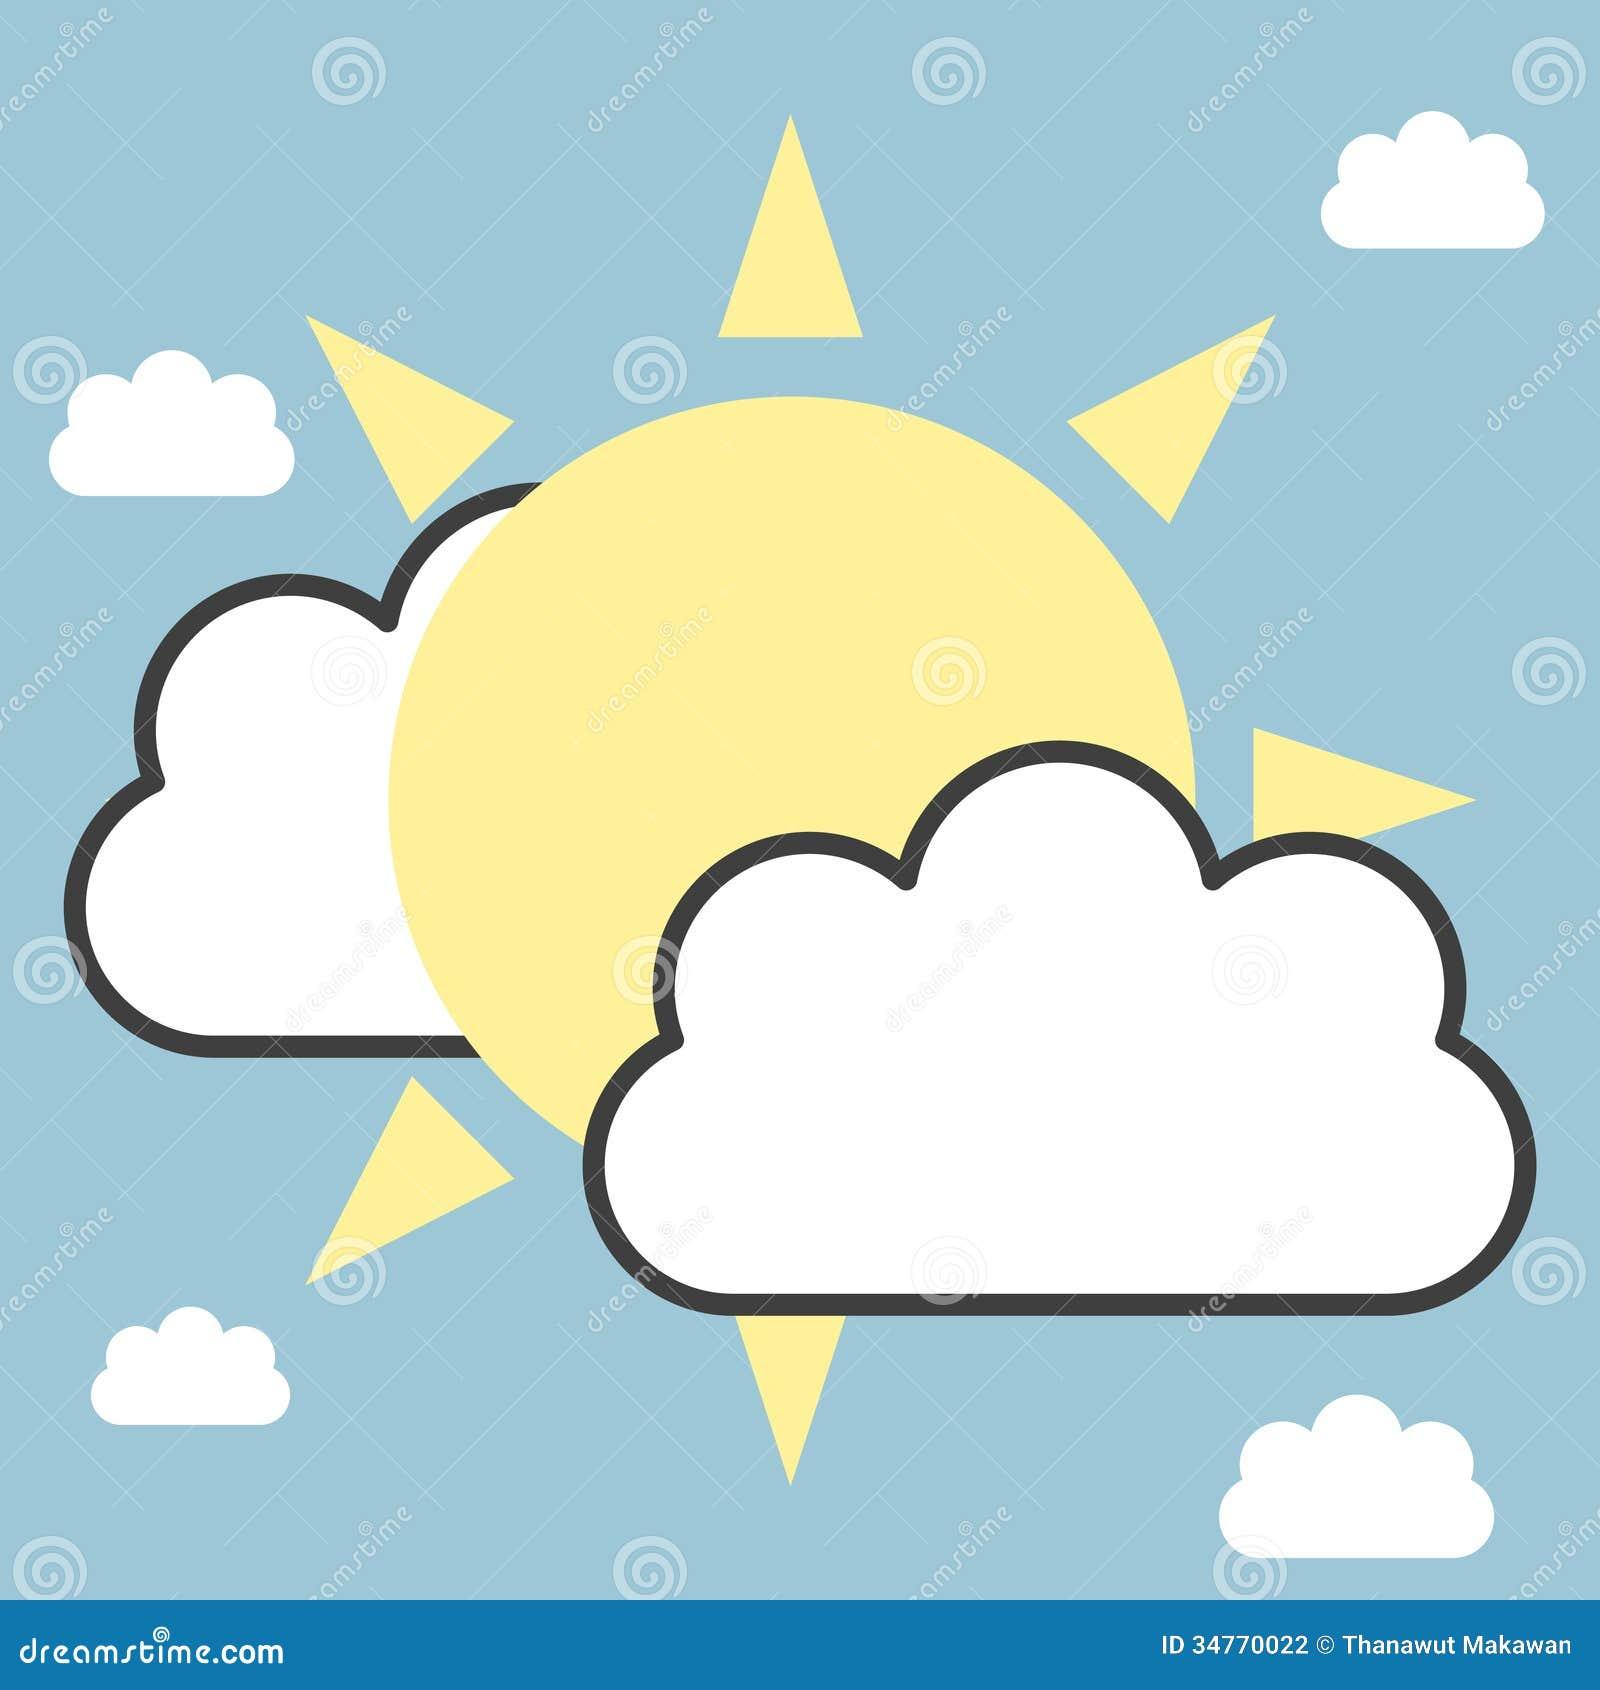 太阳和云彩 图库摄影 - 图片: 34770022图片